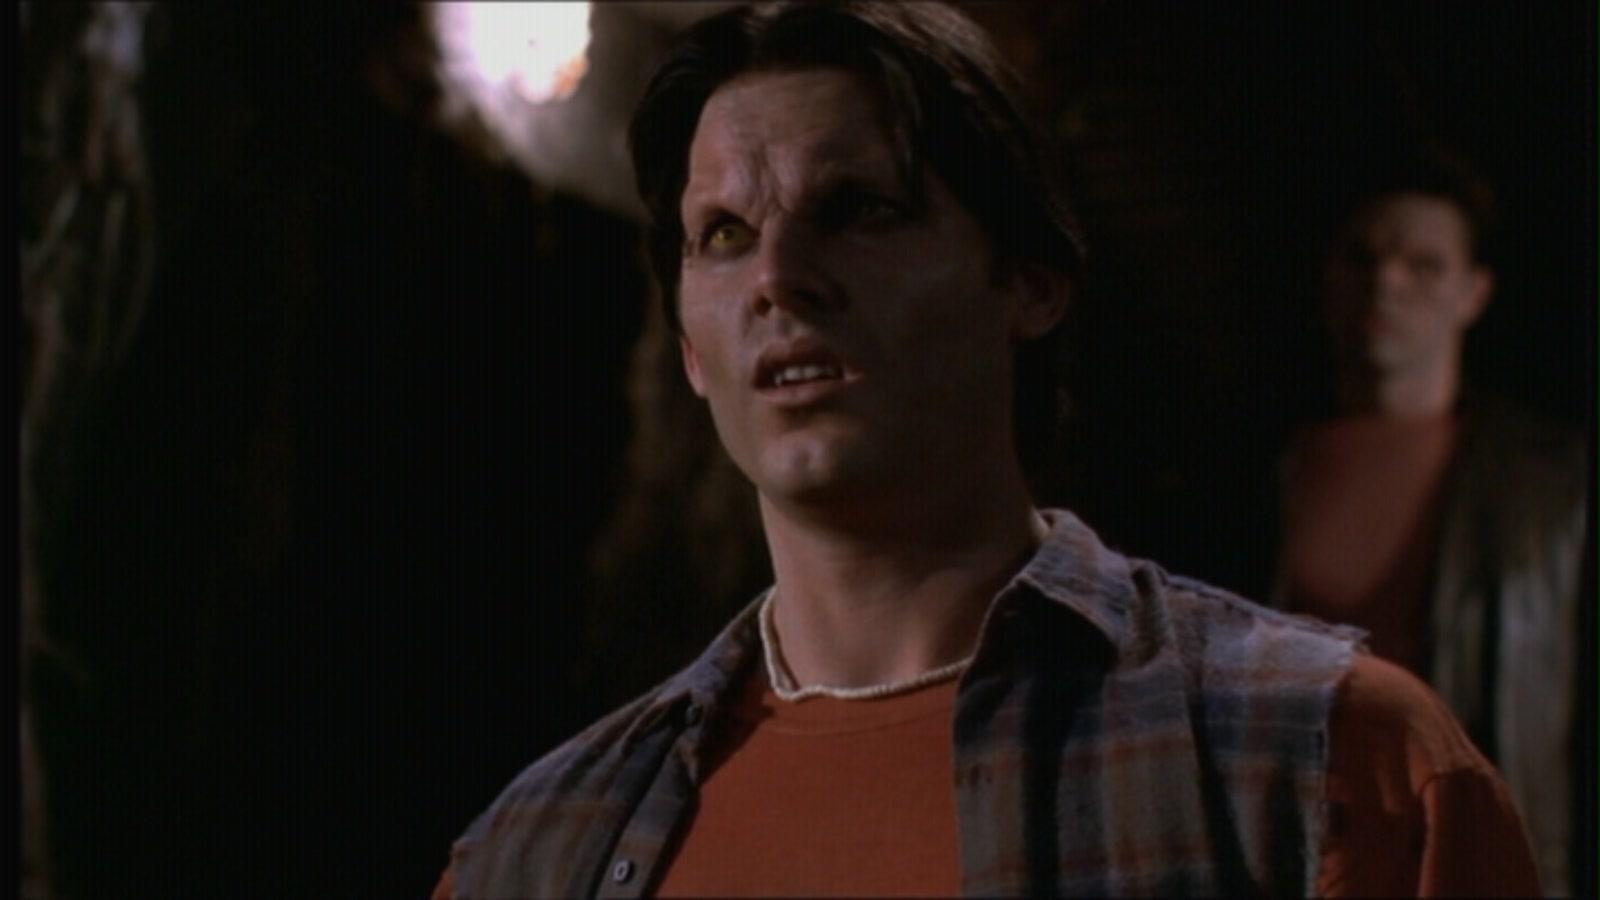 Boone (vampire)